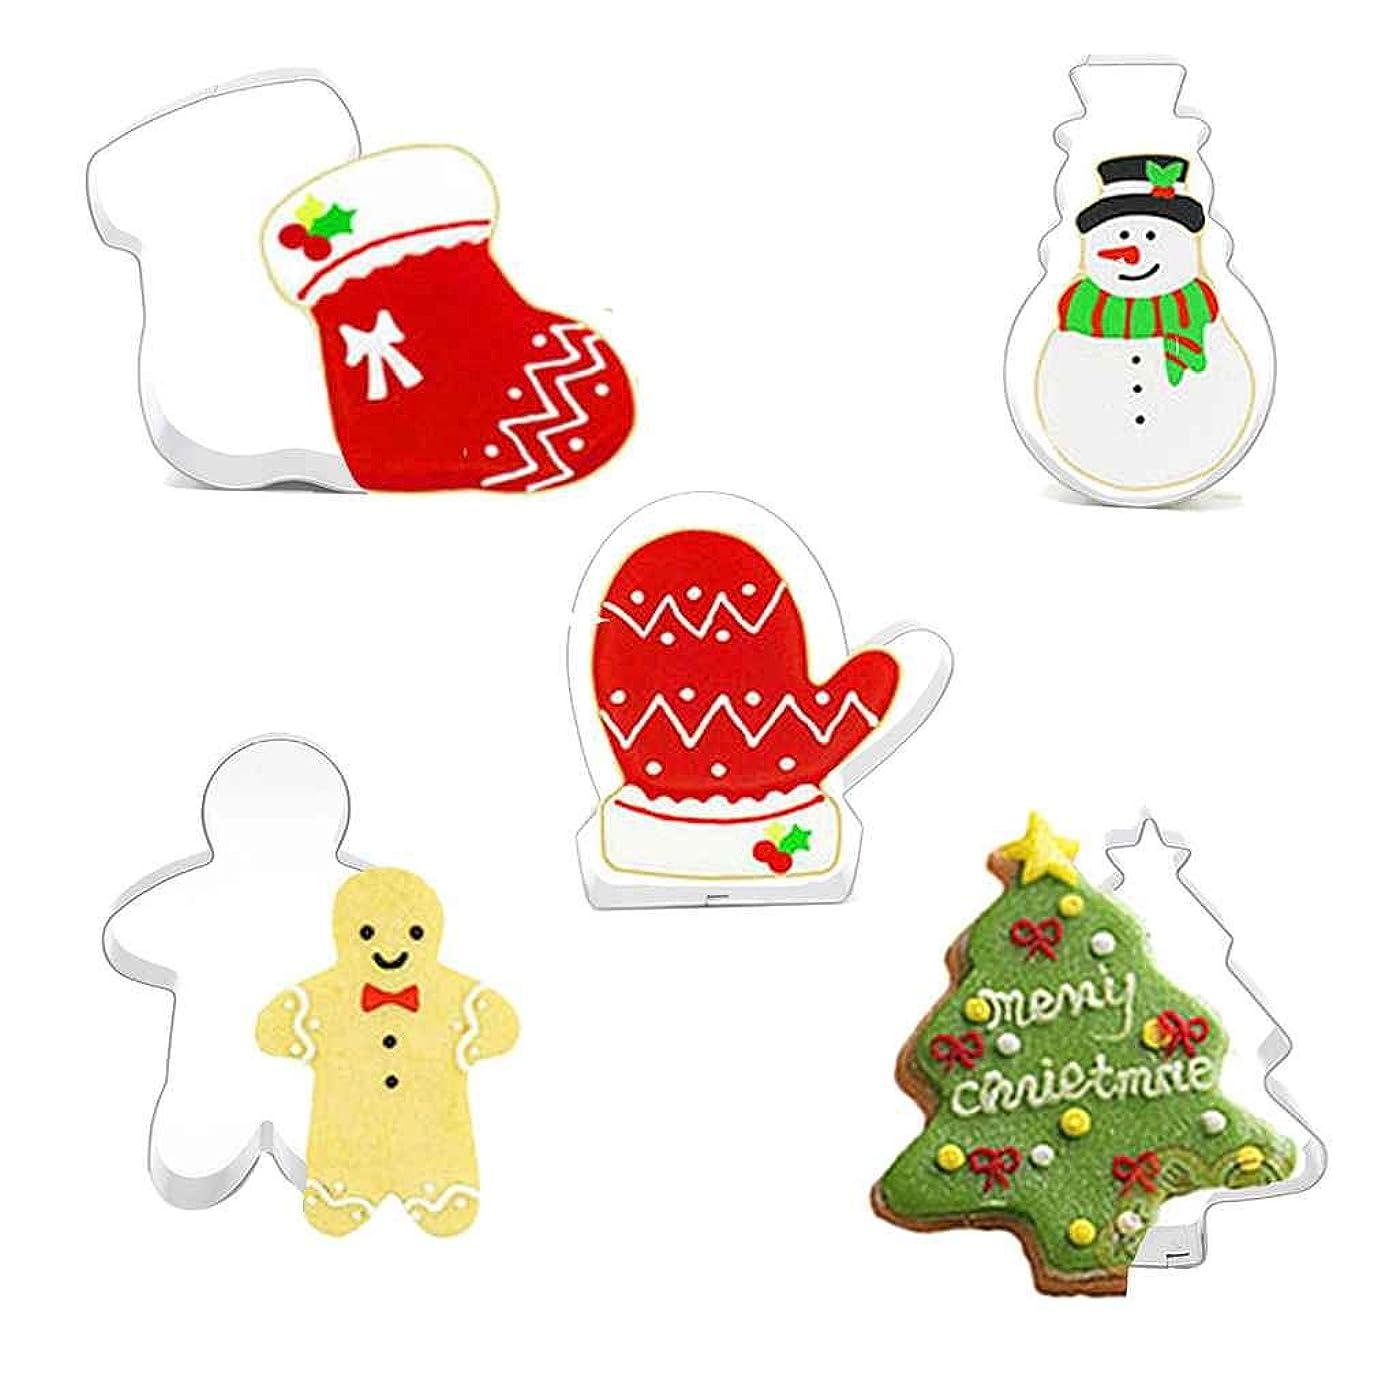 里親従者しかしながらLORIA?JP 抜き型 5個セット ミニ クリスマス アルファベット クリスマスツリー クッキー型 キャラ弁 ステンレス ベーキング